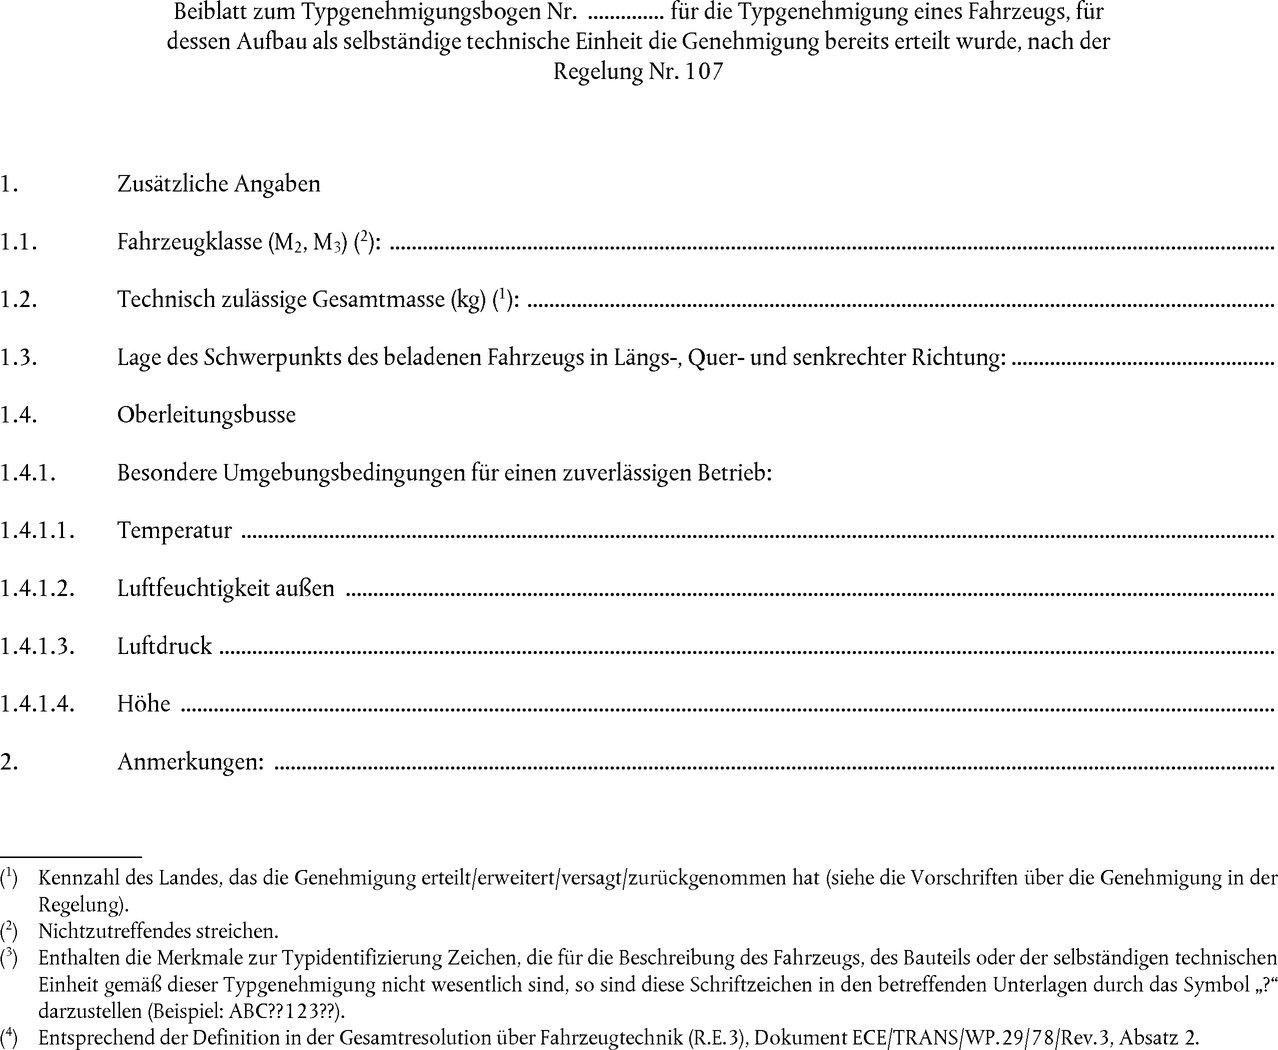 Ausgezeichnet Polaris Vorbau 250 Schaltplan Fotos - Der Schaltplan ...